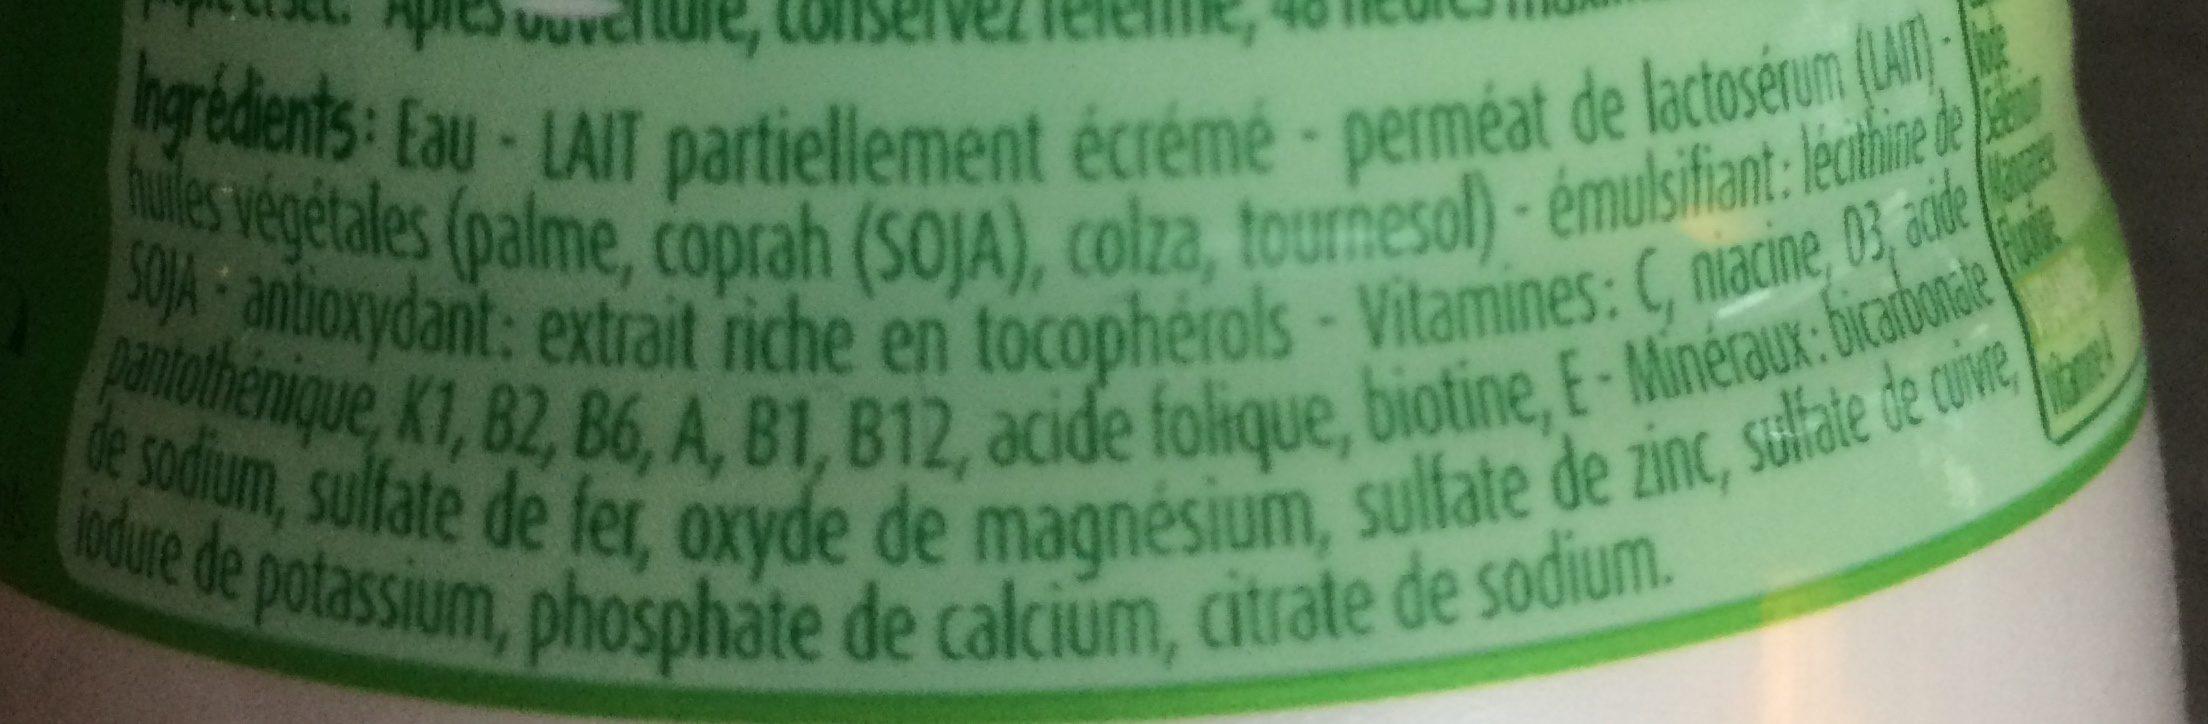 Blédilait Croissance - Ingrédients - fr